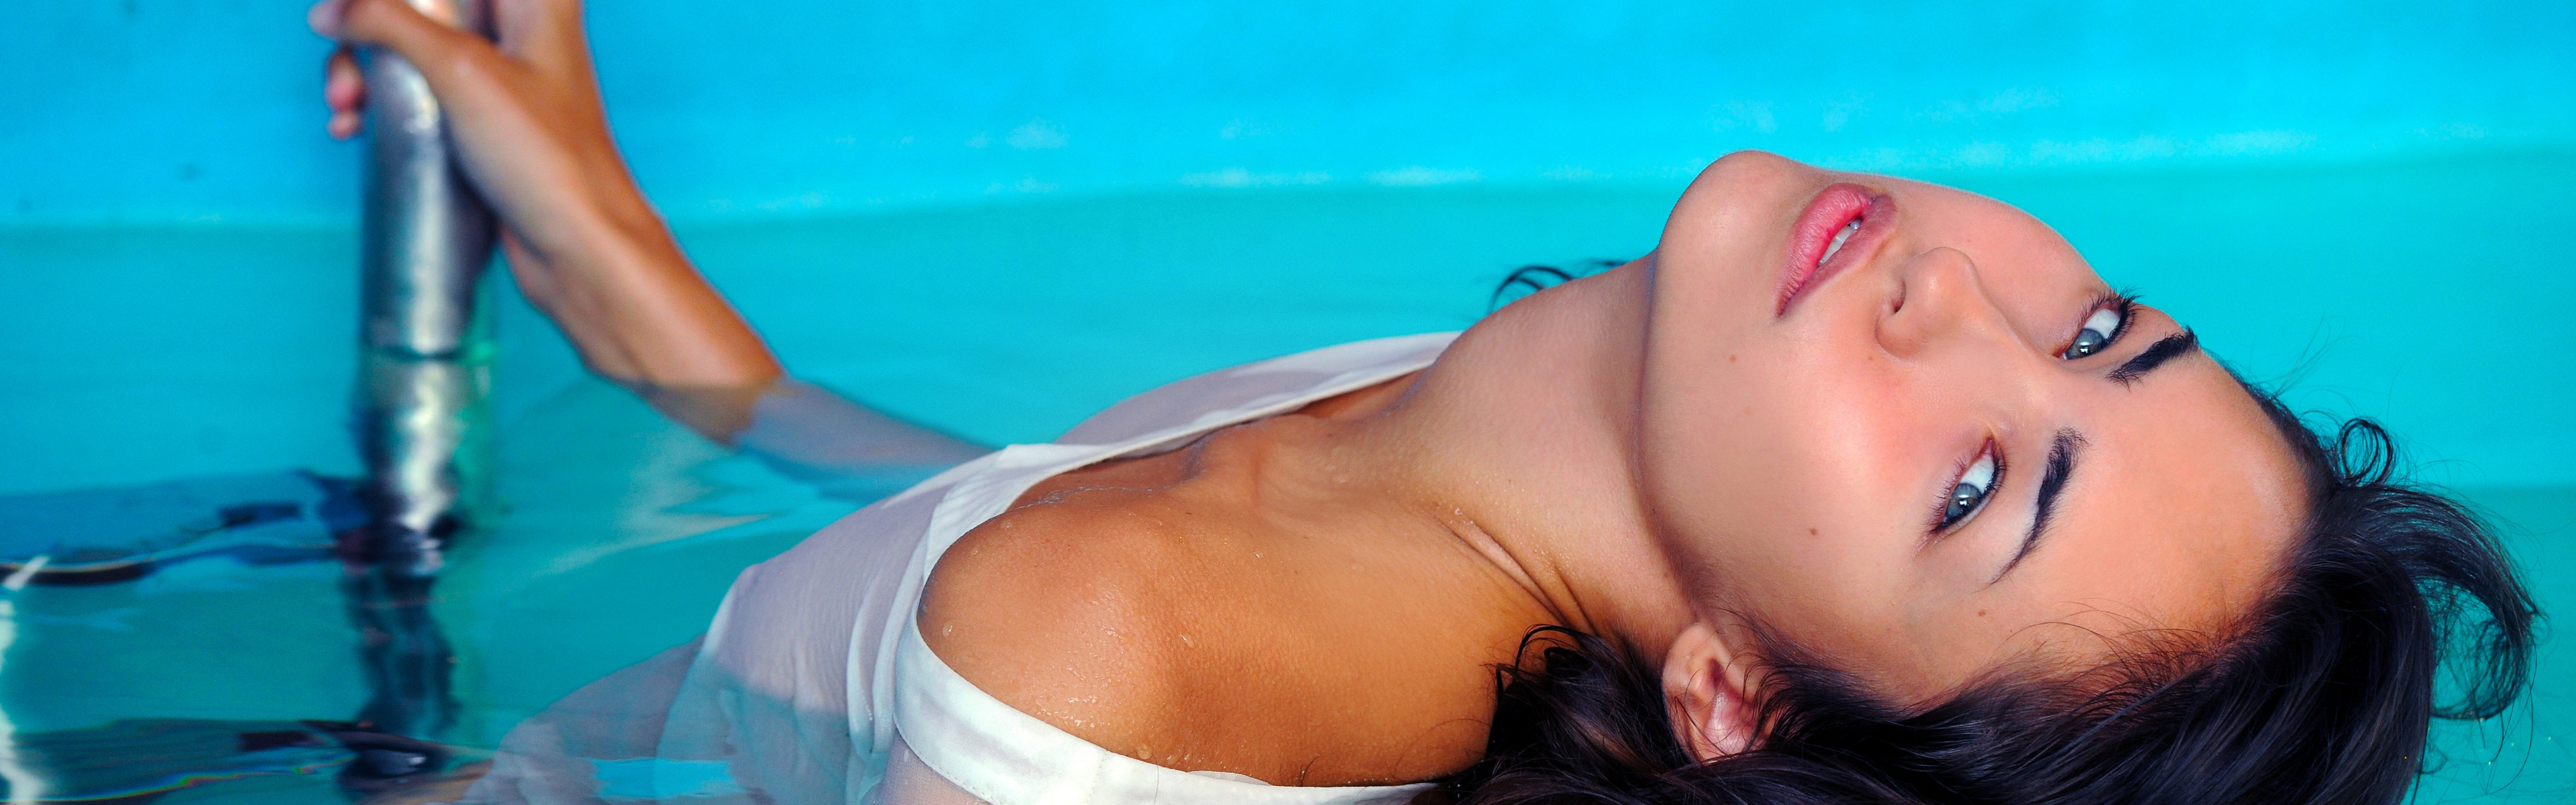 Девушка в бассейне эротика